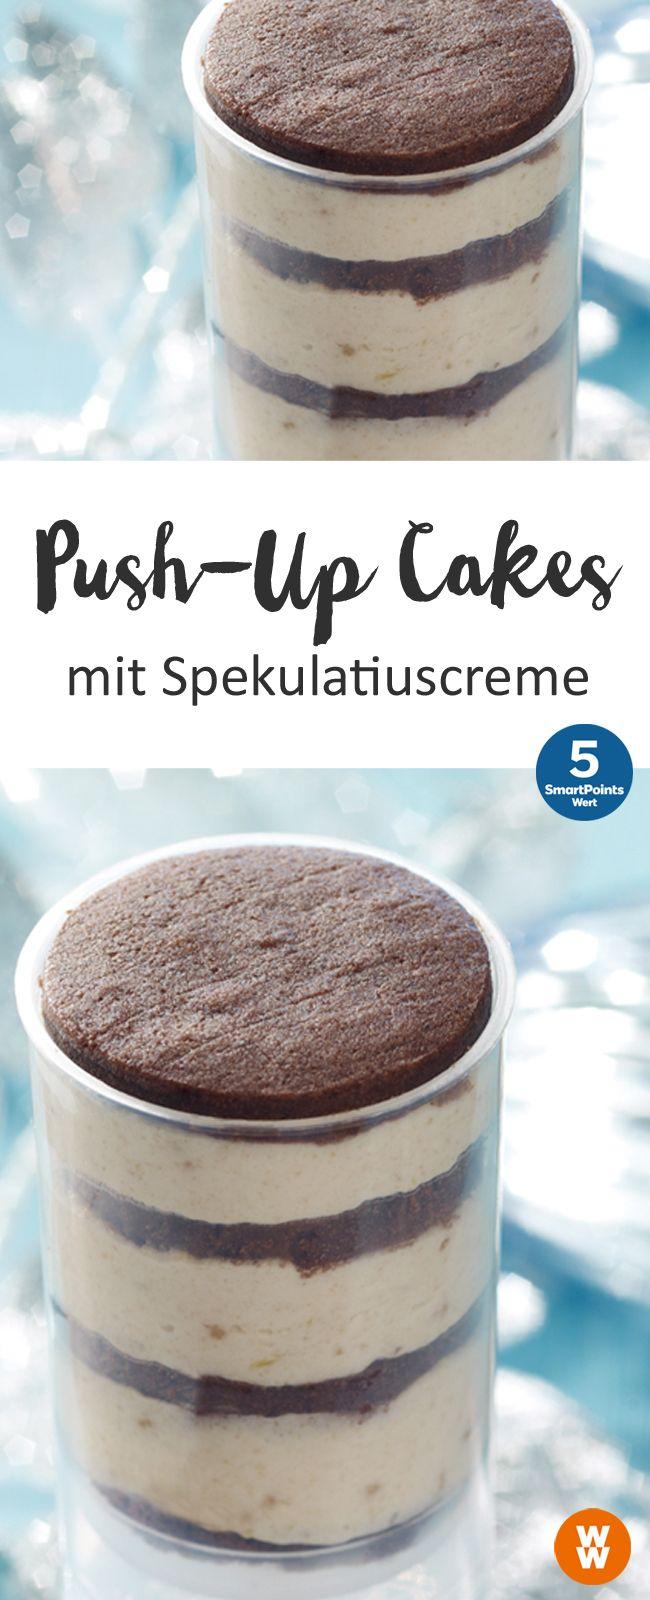 Push-Up Cakes mit Spekulatiuscreme, leckerer Kuchen im Glas, Weihnachten | Weight Watchers (Diet Recipes Sweet)